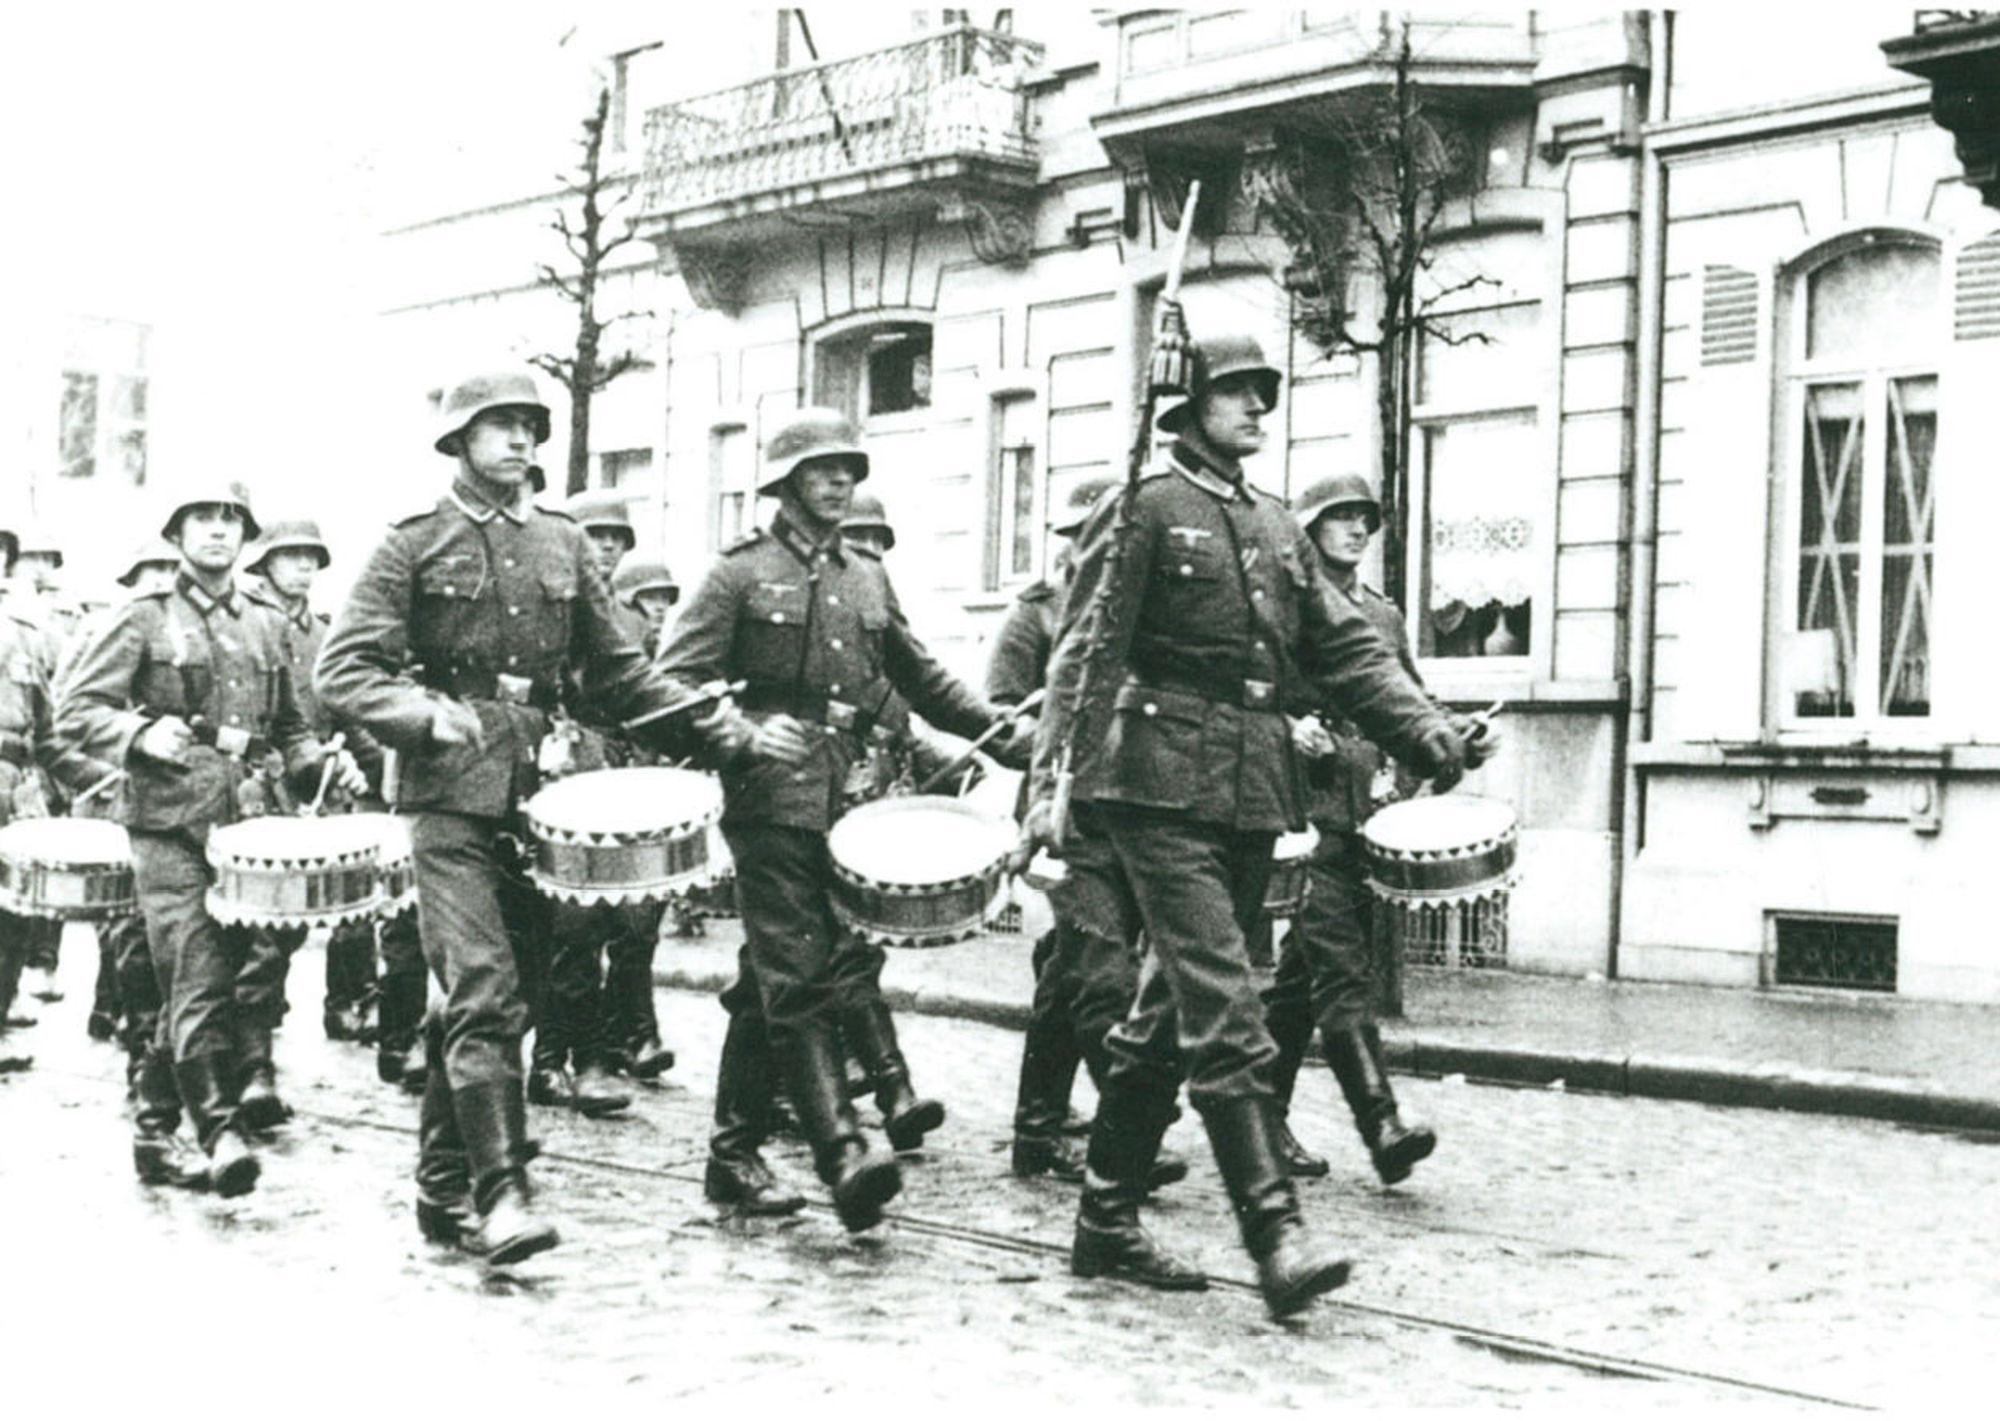 Afscheidsparade voor Generaal Reinhard 1941